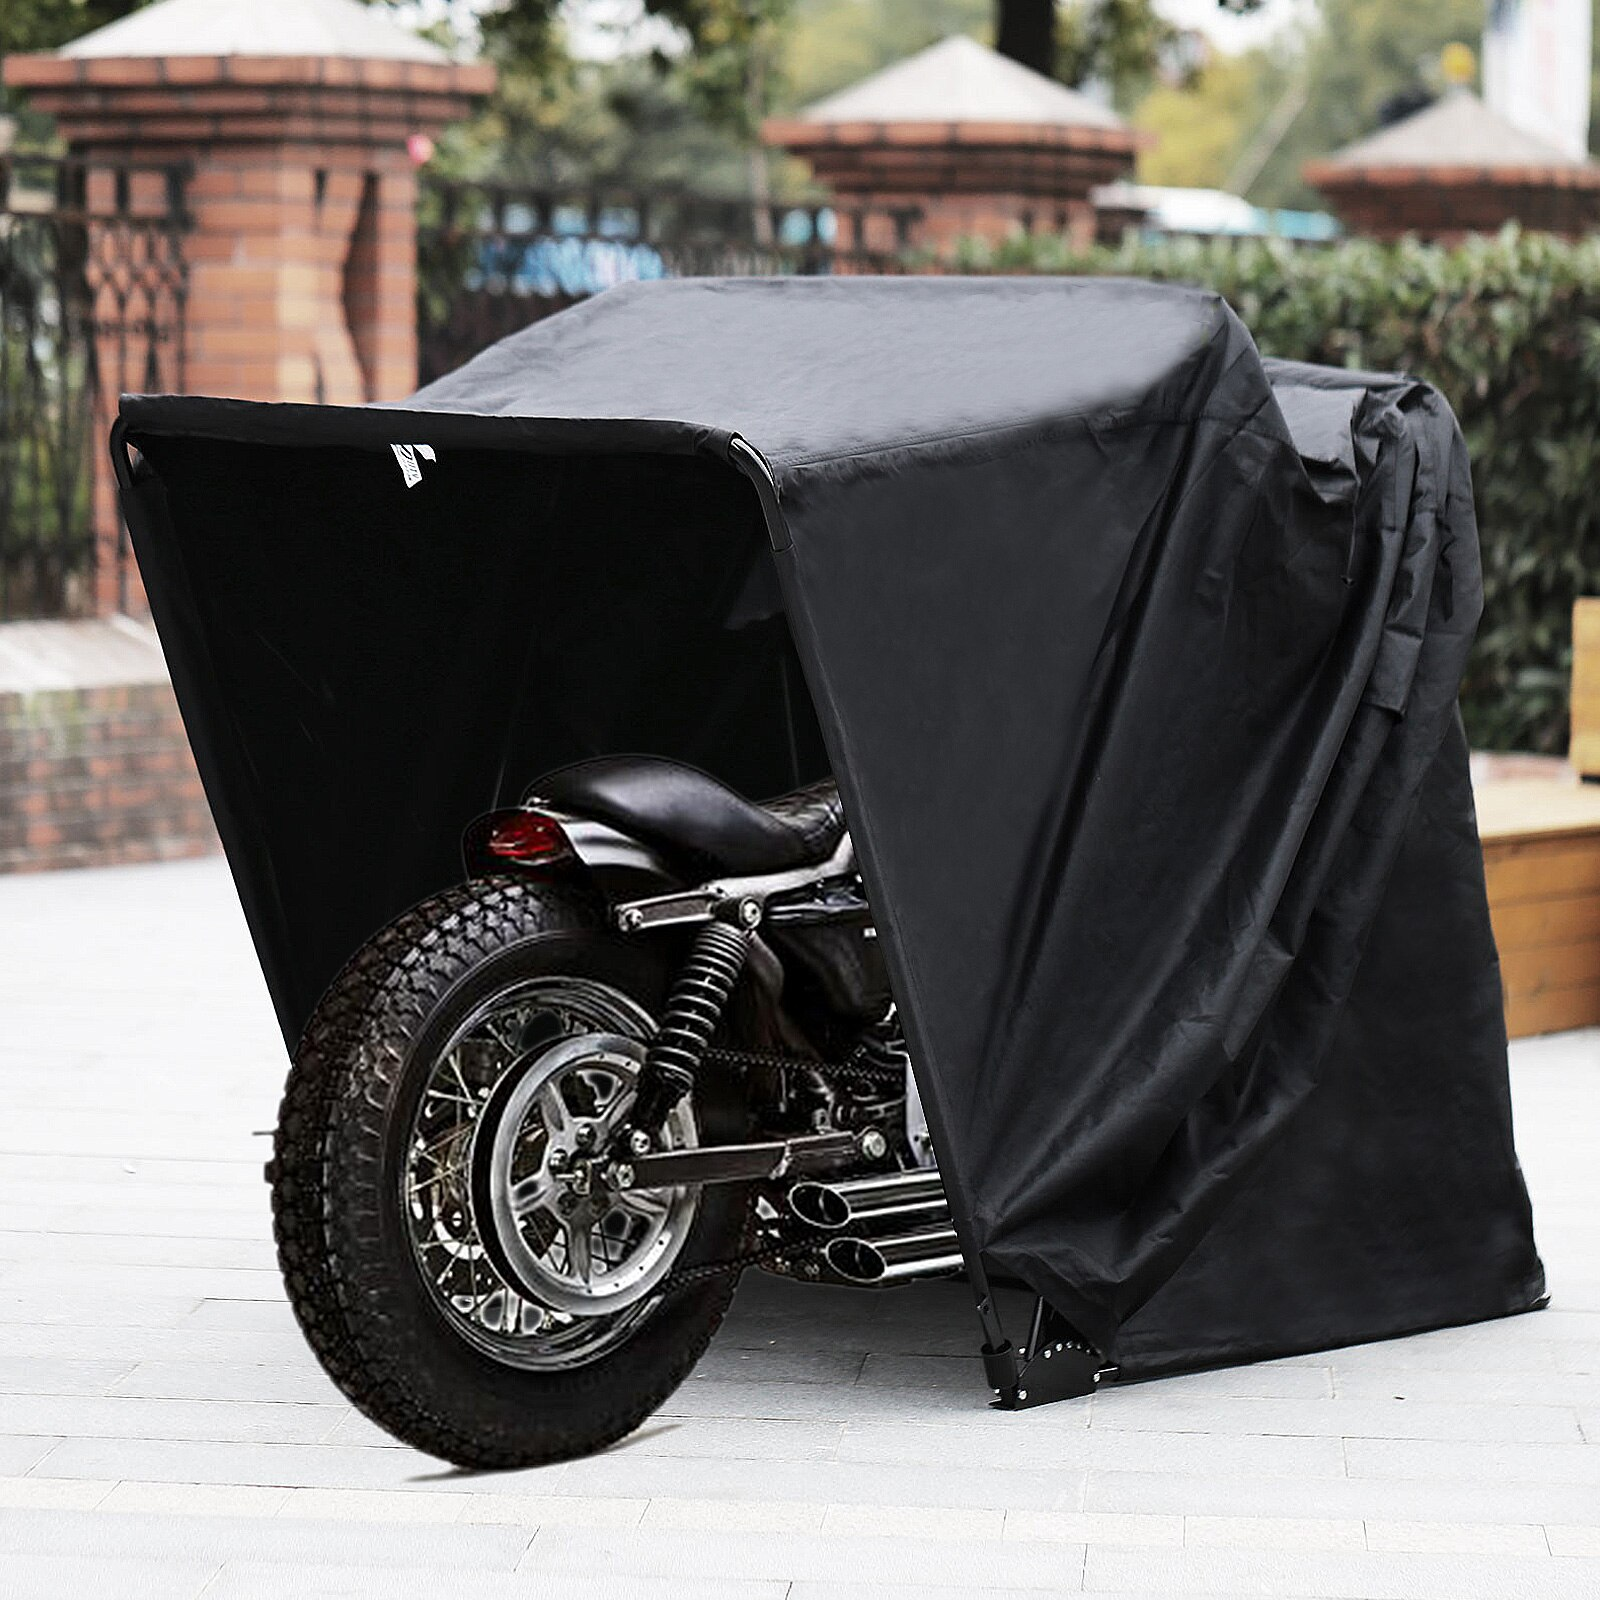 VEVOR مقاوم للماء دراجة نارية المأوى تسليط غطاء إطار قوي المرآب دراجة نارية خيمة سكوتر المأوى المحرك تخزين الغبار غطاء للمطر